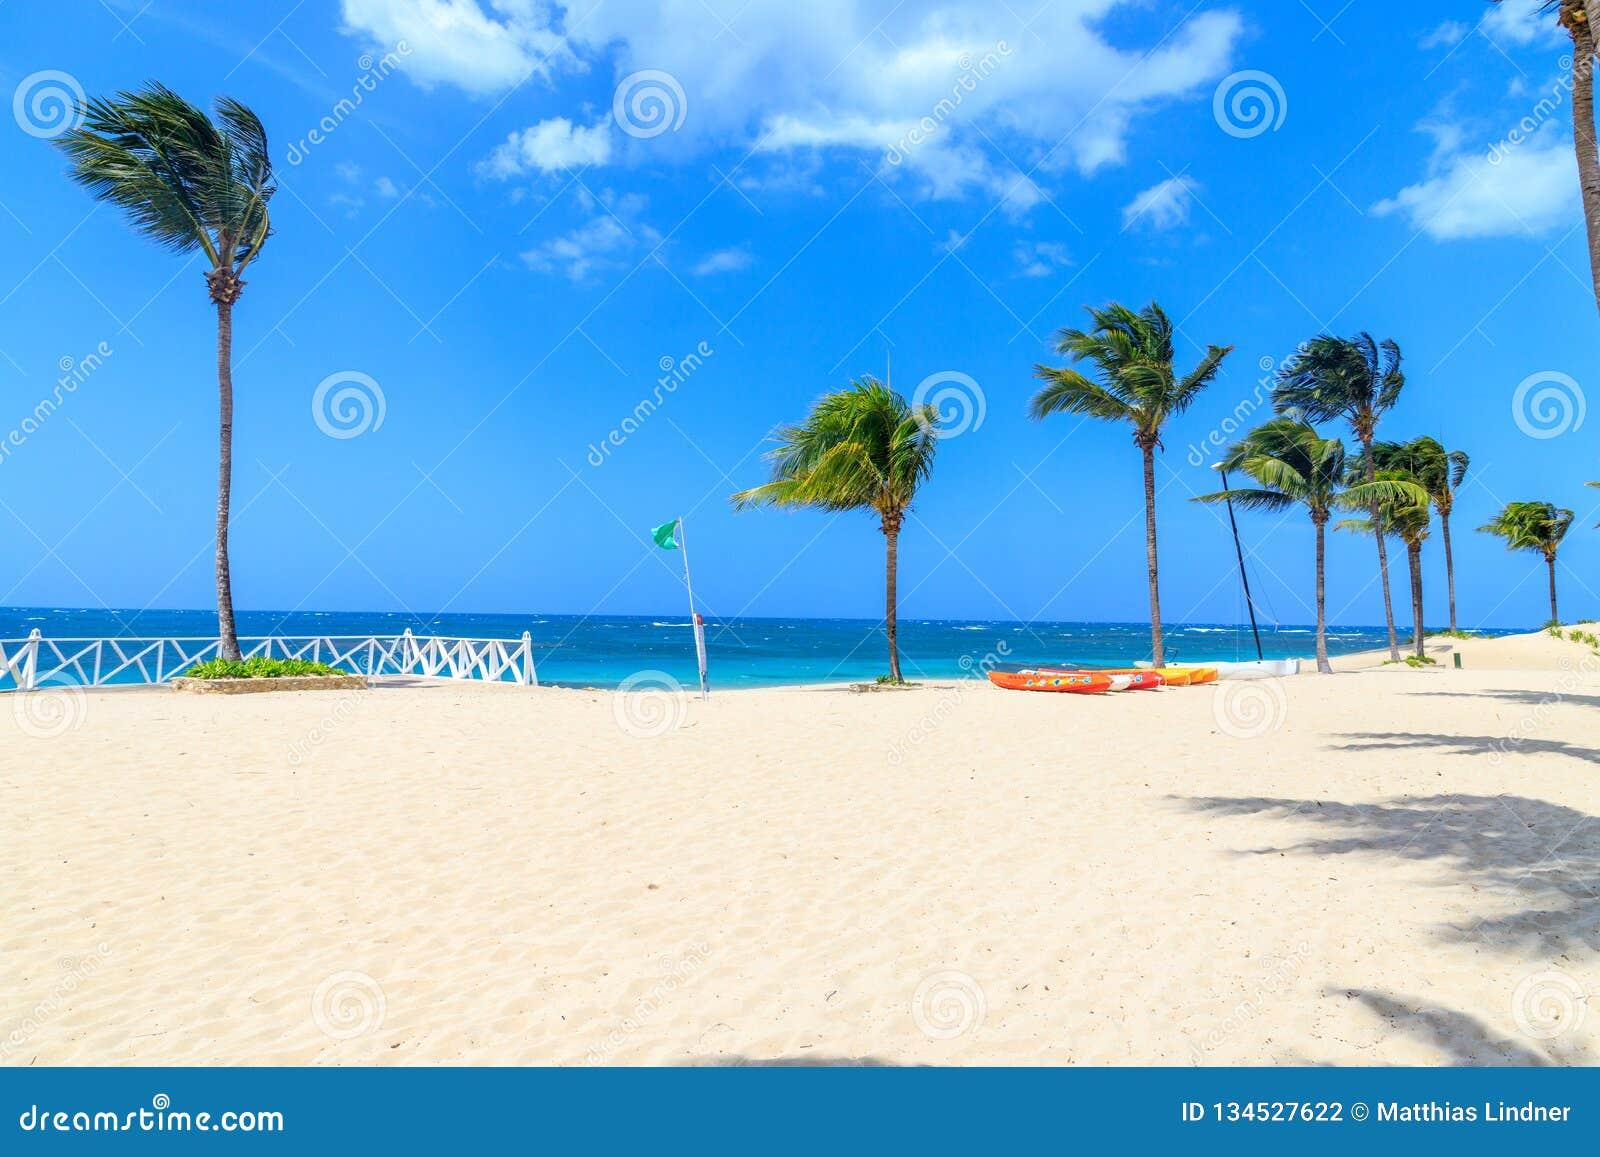 La bandiera verde sulla spiaggia non indica il pericolo quando bagna Repubblica dominicana